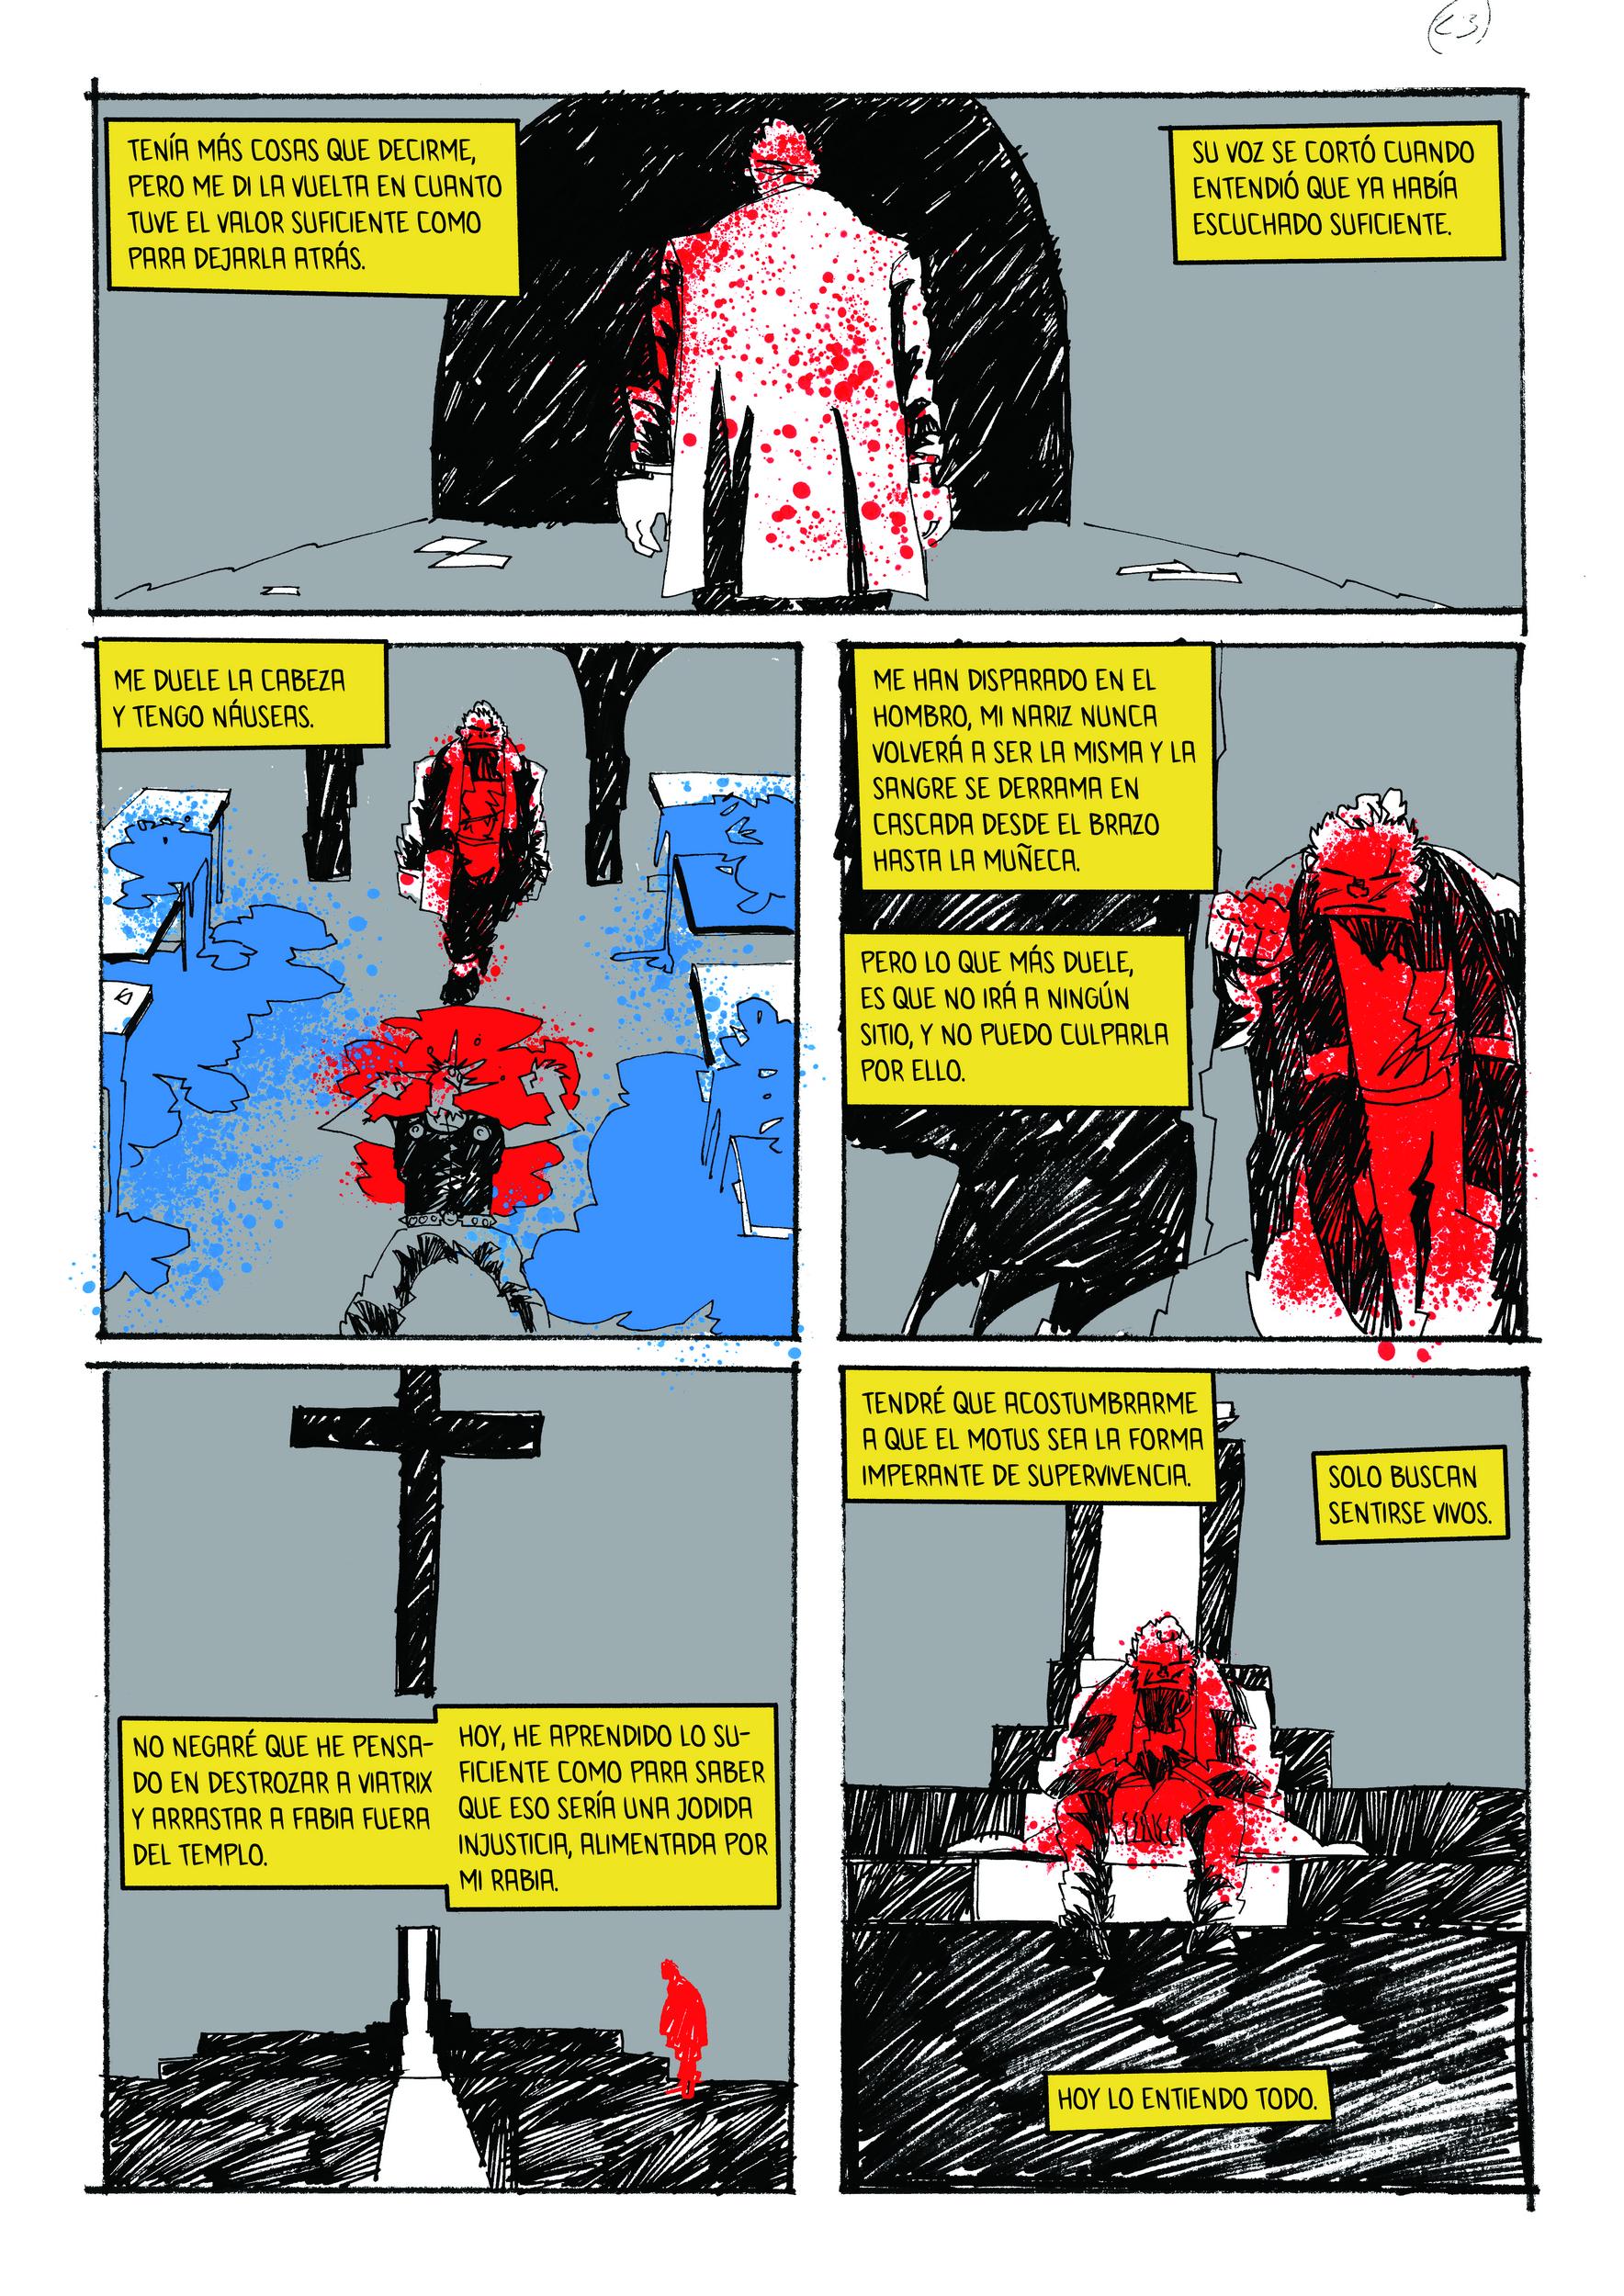 05_Hugo Martín Crespo y Alejandro Cruz Santana_Grind_pagina00024_2500_0037